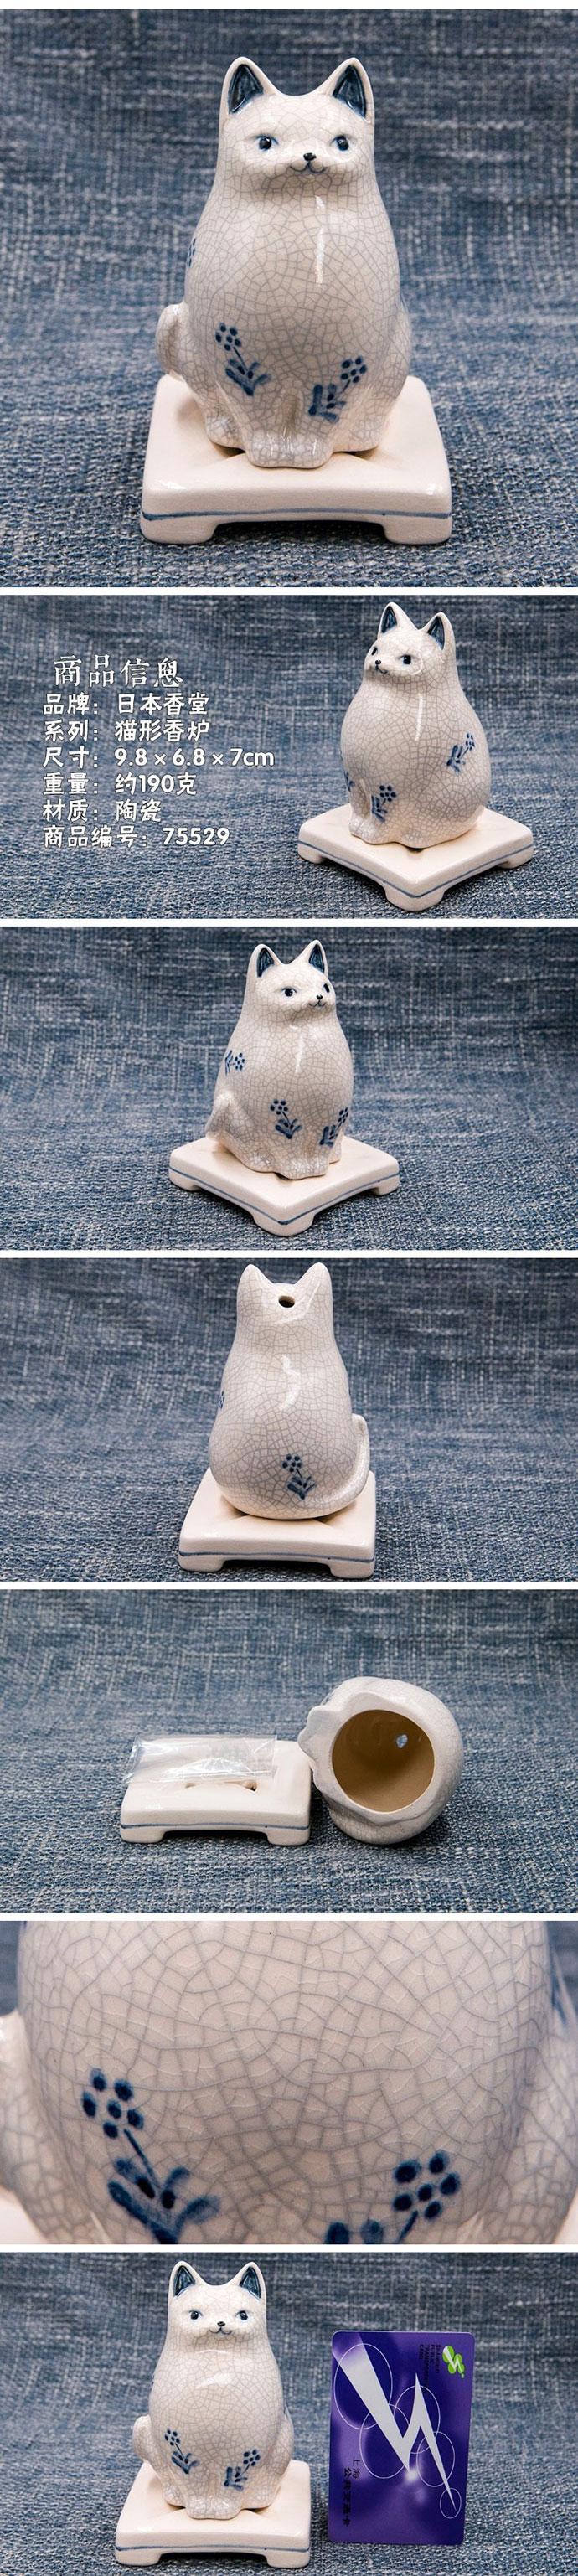 香聚堂 日本陶瓷猫 塔香香炉